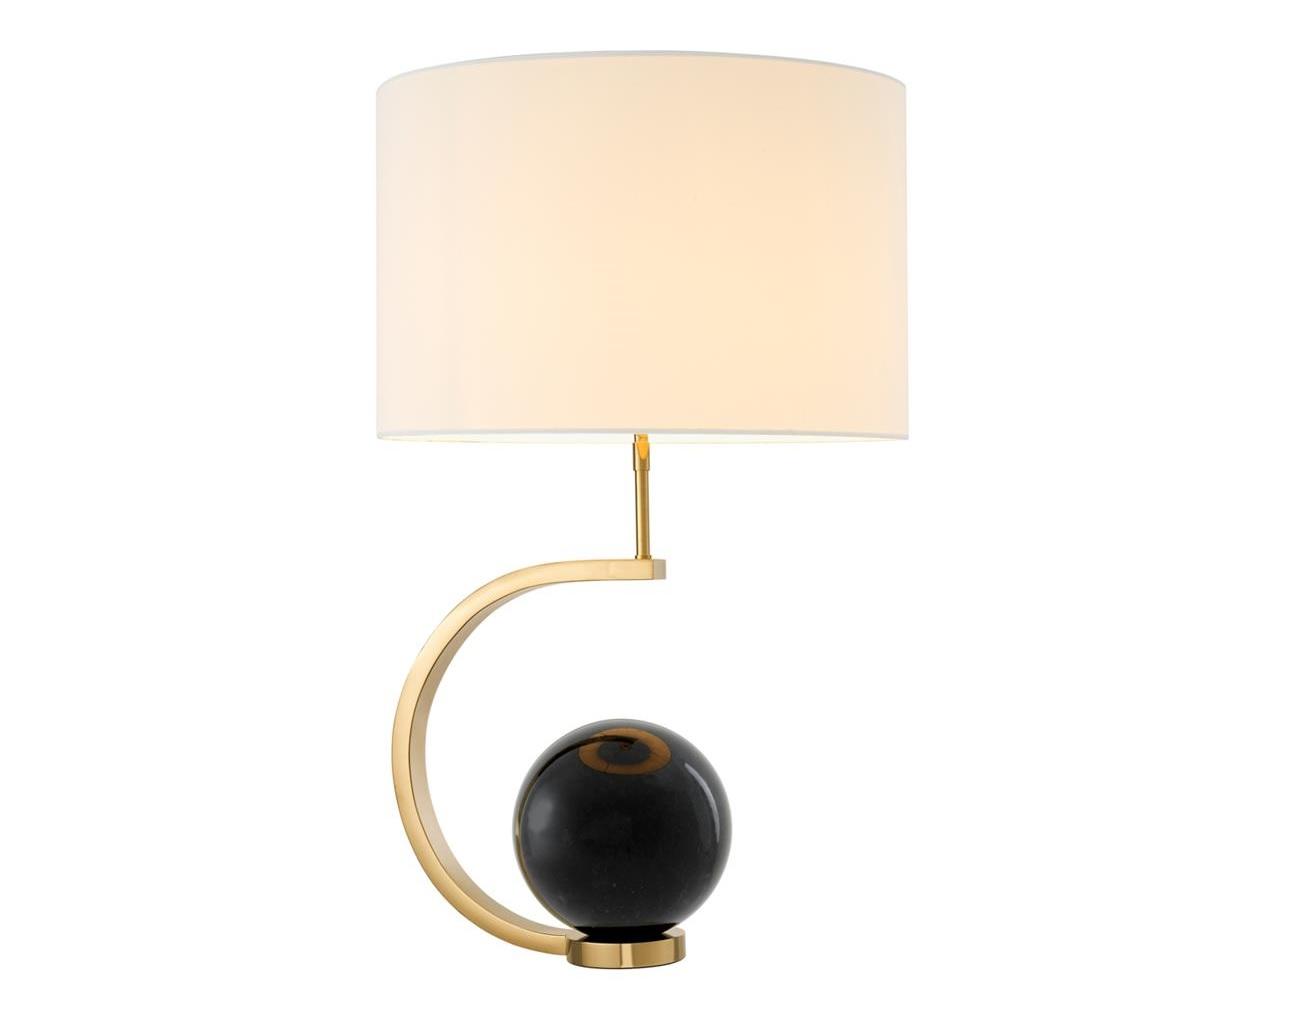 Настольная лампа Table Lamp LuigiДекоративные лампы<br>&amp;lt;div&amp;gt;Вид цоколя: E27&amp;lt;br&amp;gt;&amp;lt;/div&amp;gt;&amp;lt;div&amp;gt;&amp;lt;div&amp;gt;Мощность: 40W&amp;lt;/div&amp;gt;&amp;lt;div&amp;gt;Количество ламп: 1 (нет в комплекте)&amp;lt;/div&amp;gt;&amp;lt;/div&amp;gt;<br><br>Material: Металл<br>Height см: 80<br>Diameter см: 48